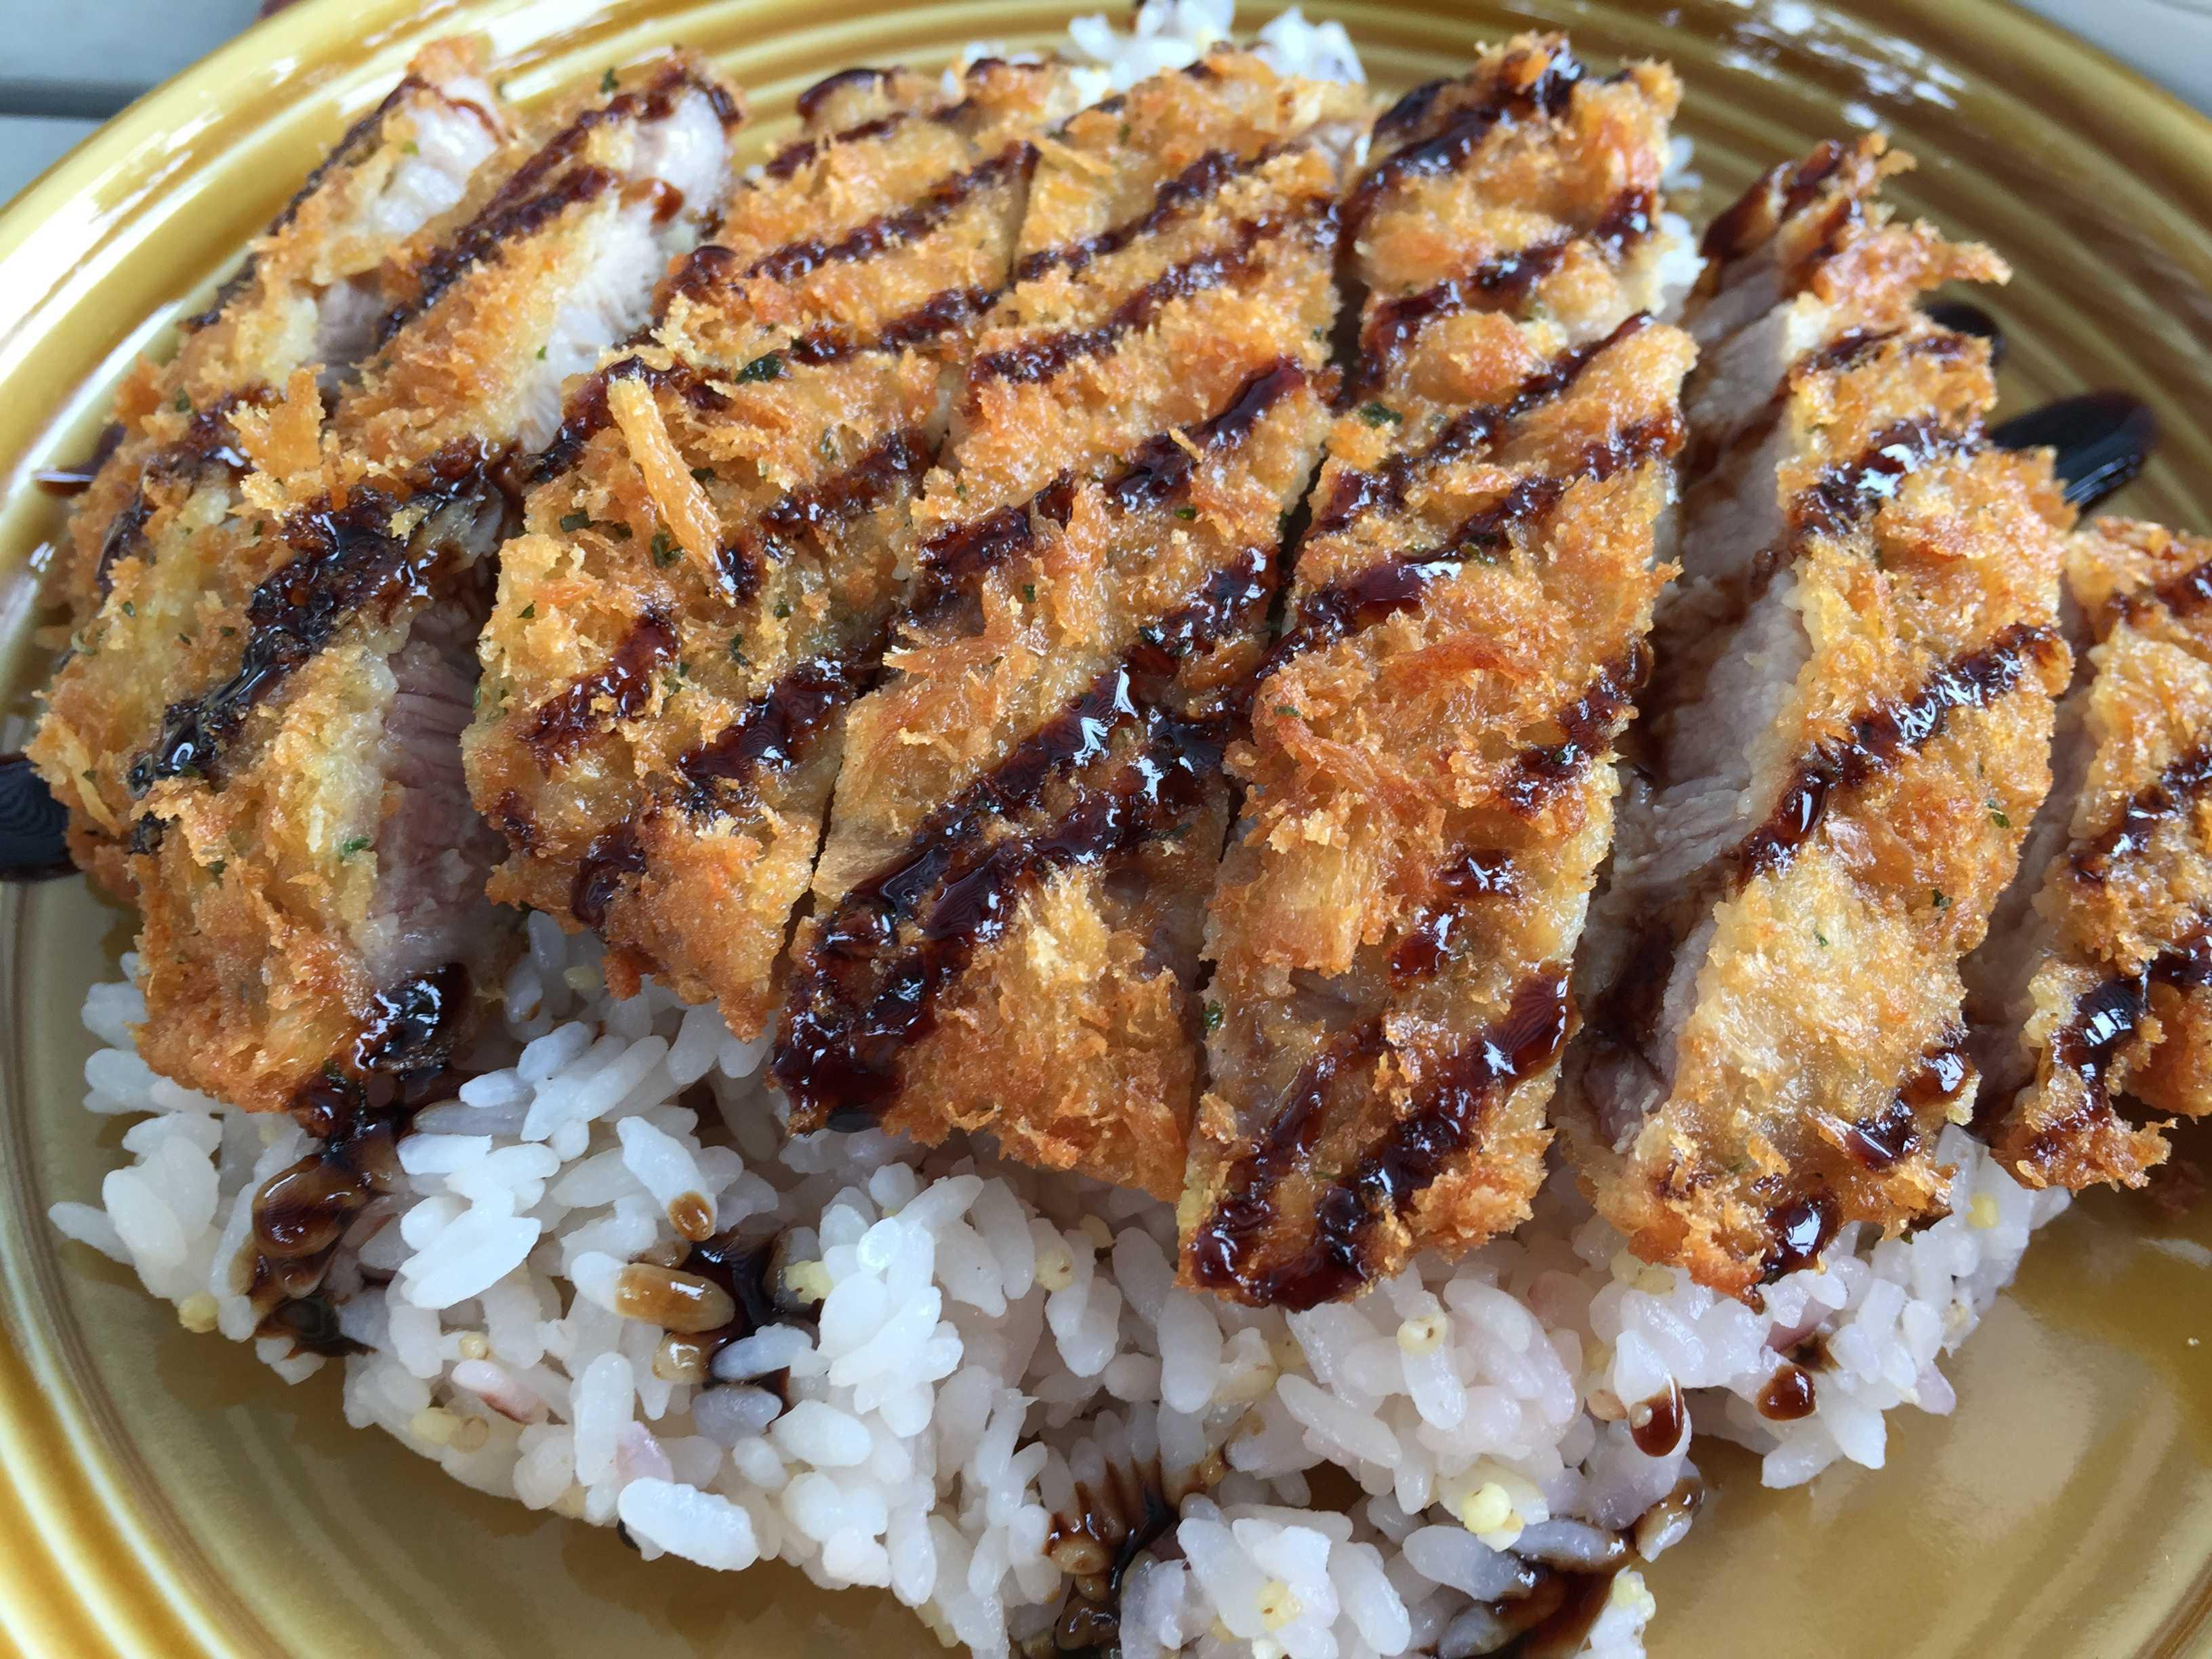 山形米沢豚のカツカレー - カキノキテラス